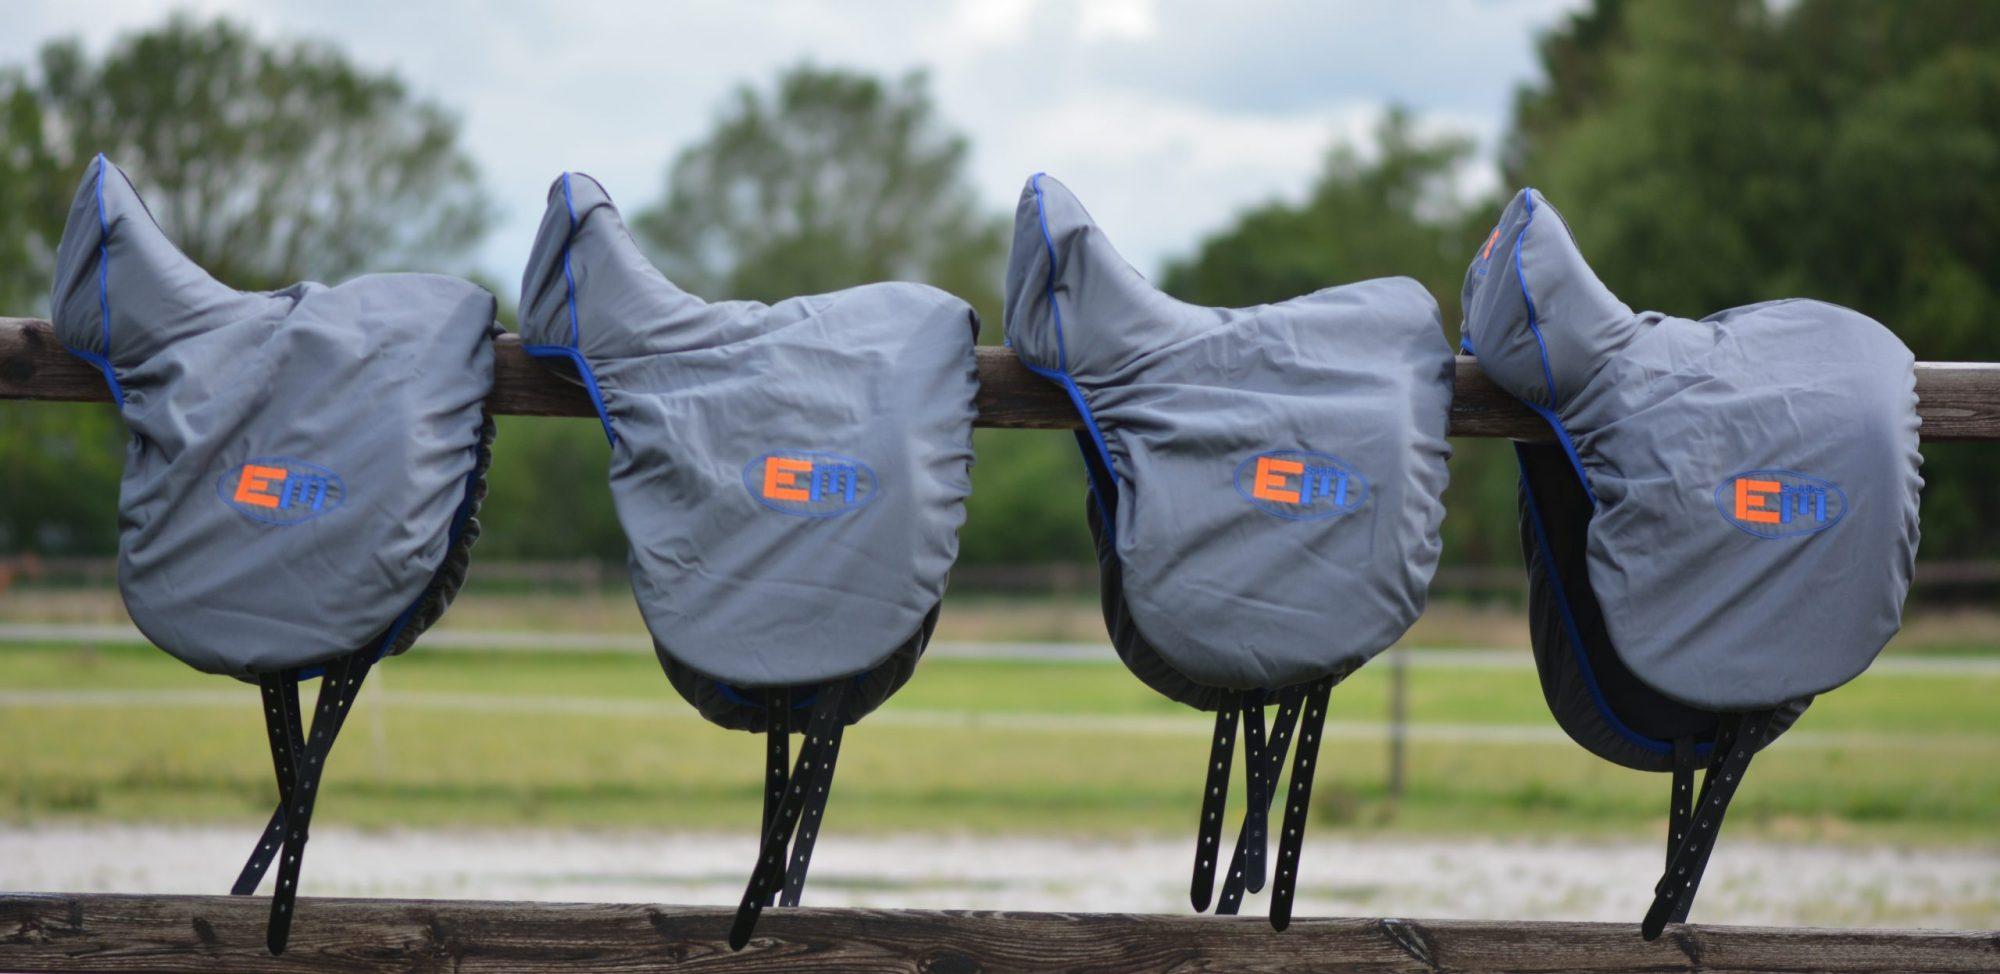 em-saddles.com